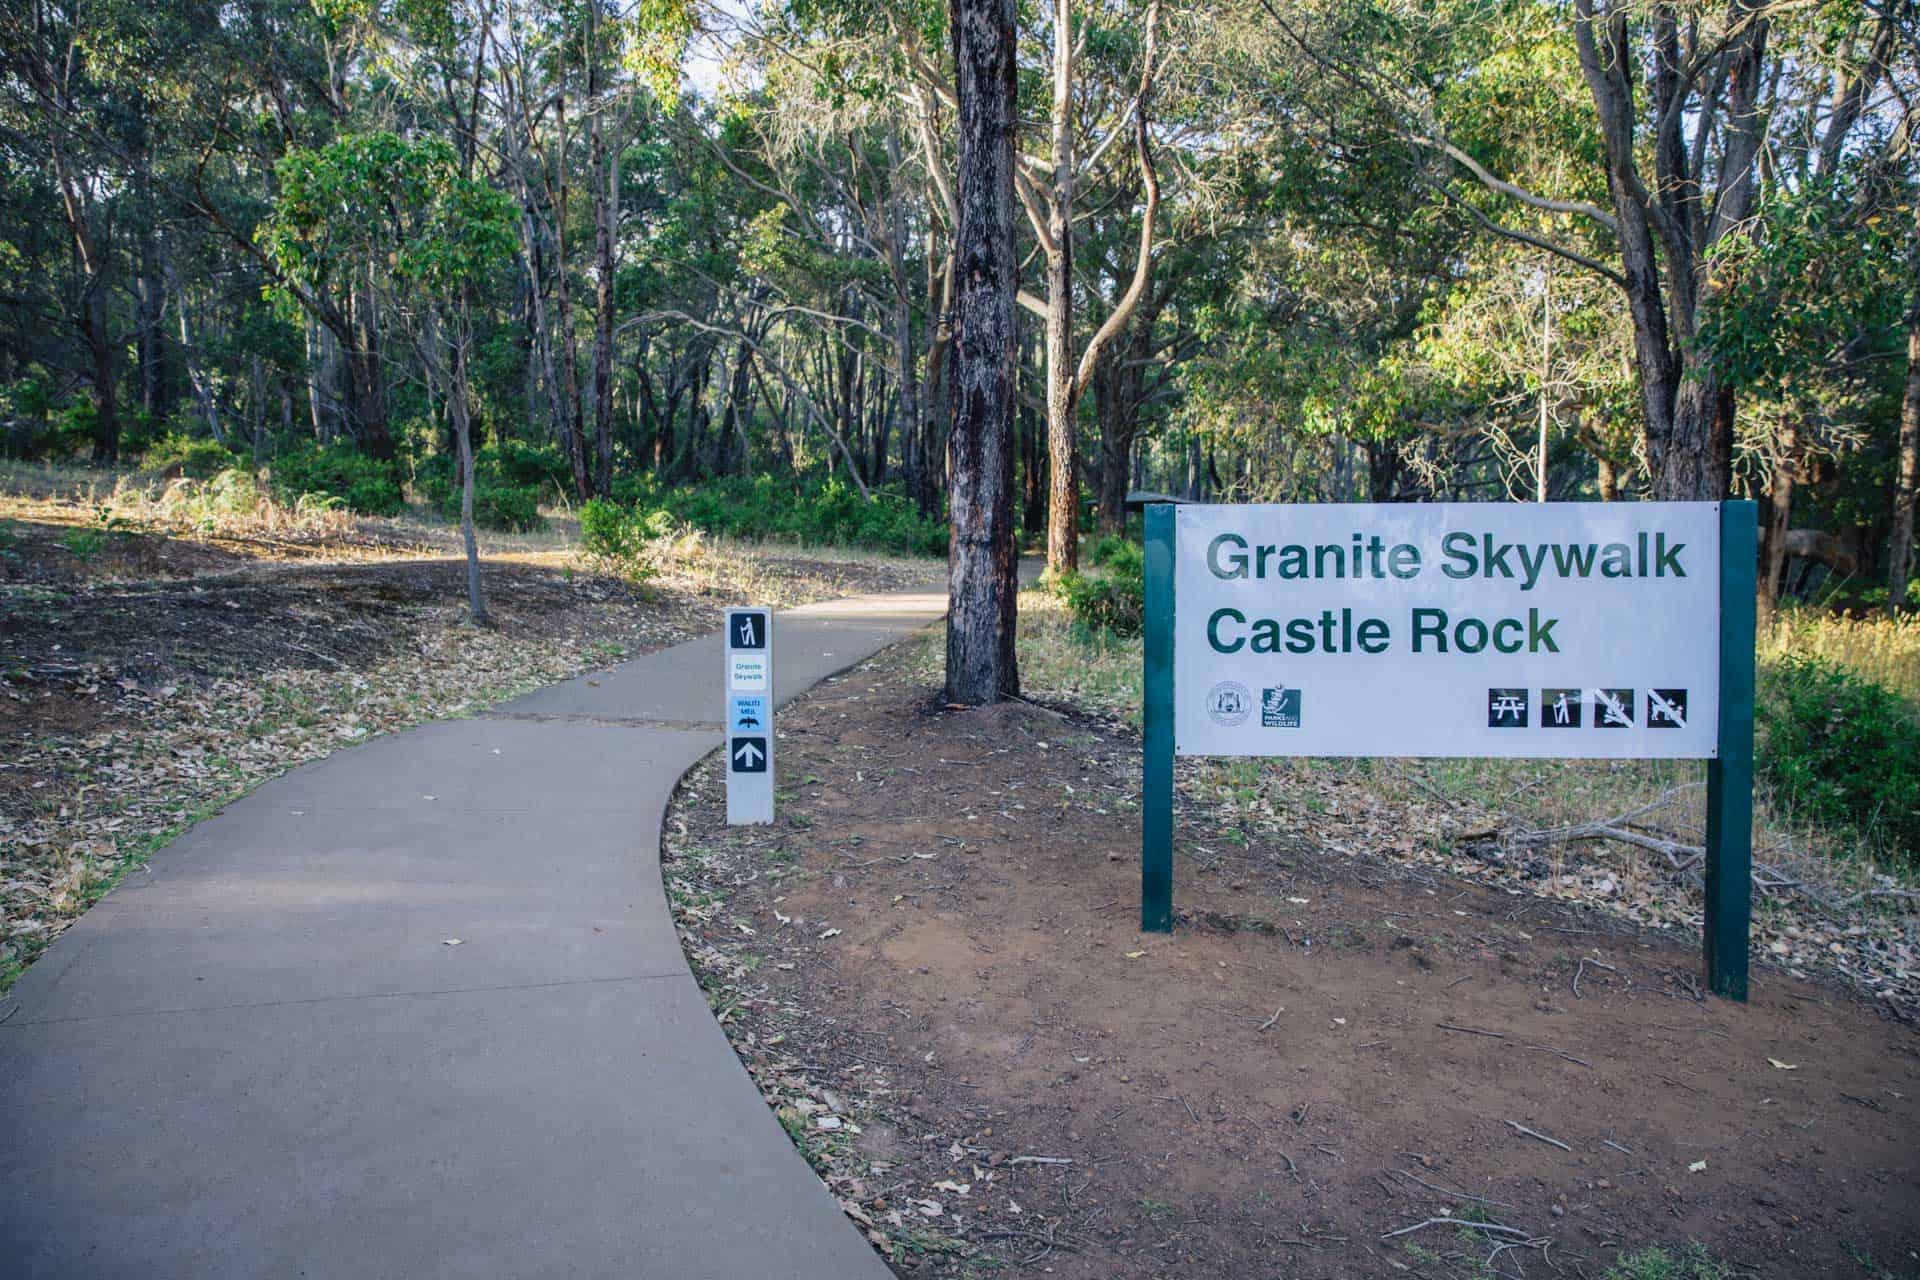 granite skywalk, castle rock albany, castle rock granite skywalk, castle rock wa, granite skywalk castle rock